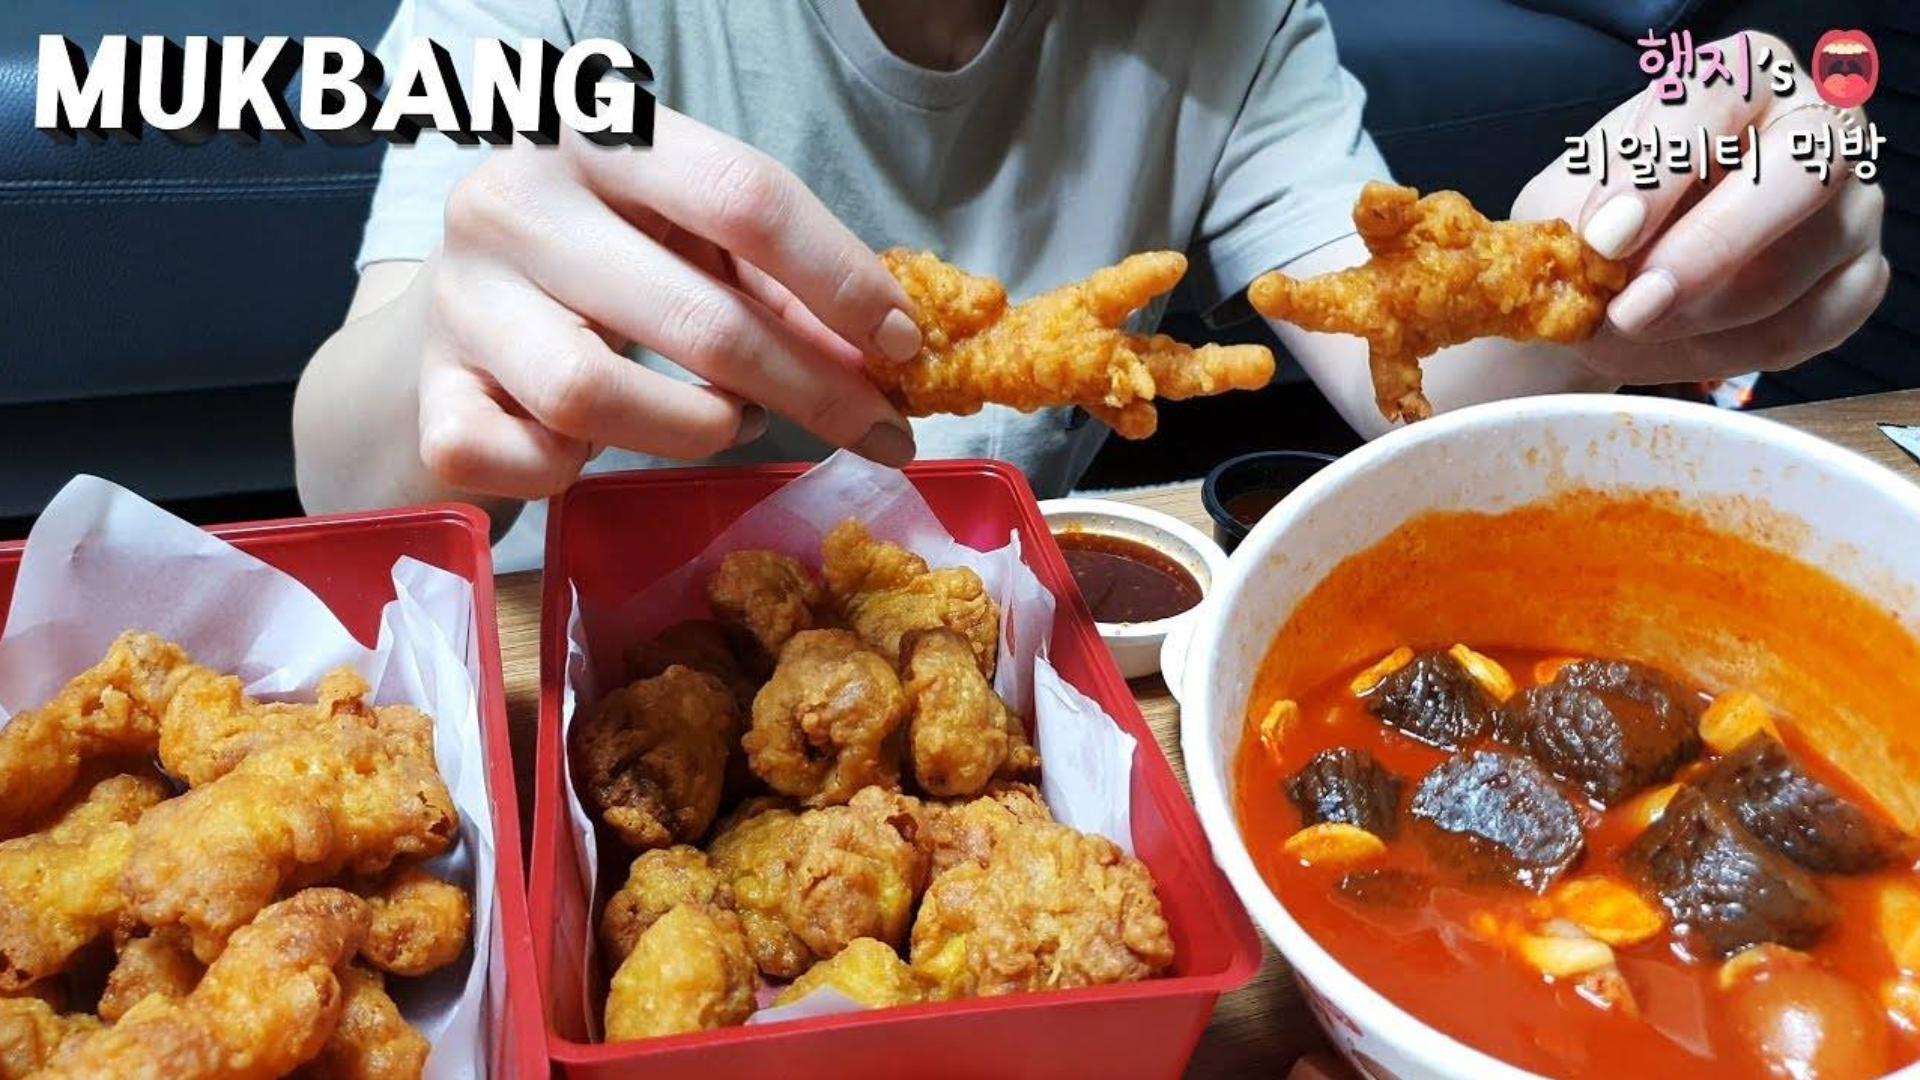 Hamzy11.22~炸鸡爪&炸鸡珍★因为太油腻了就再加一份辣炒年糕!!